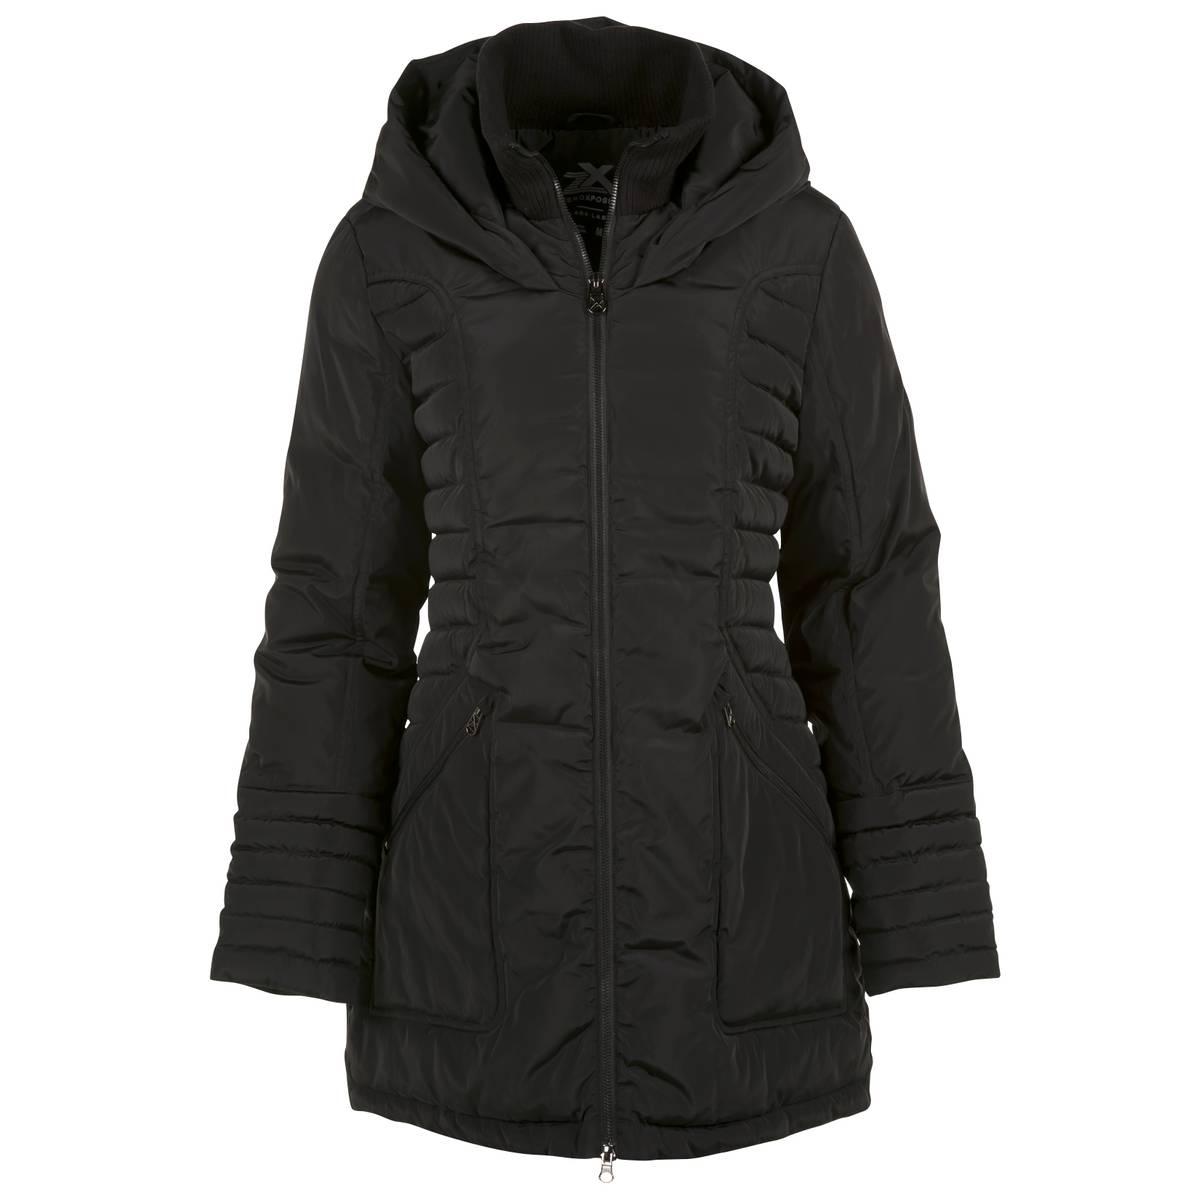 jackets moosejaw product barns barn zm woolrich jacket s dorrington womens women shop